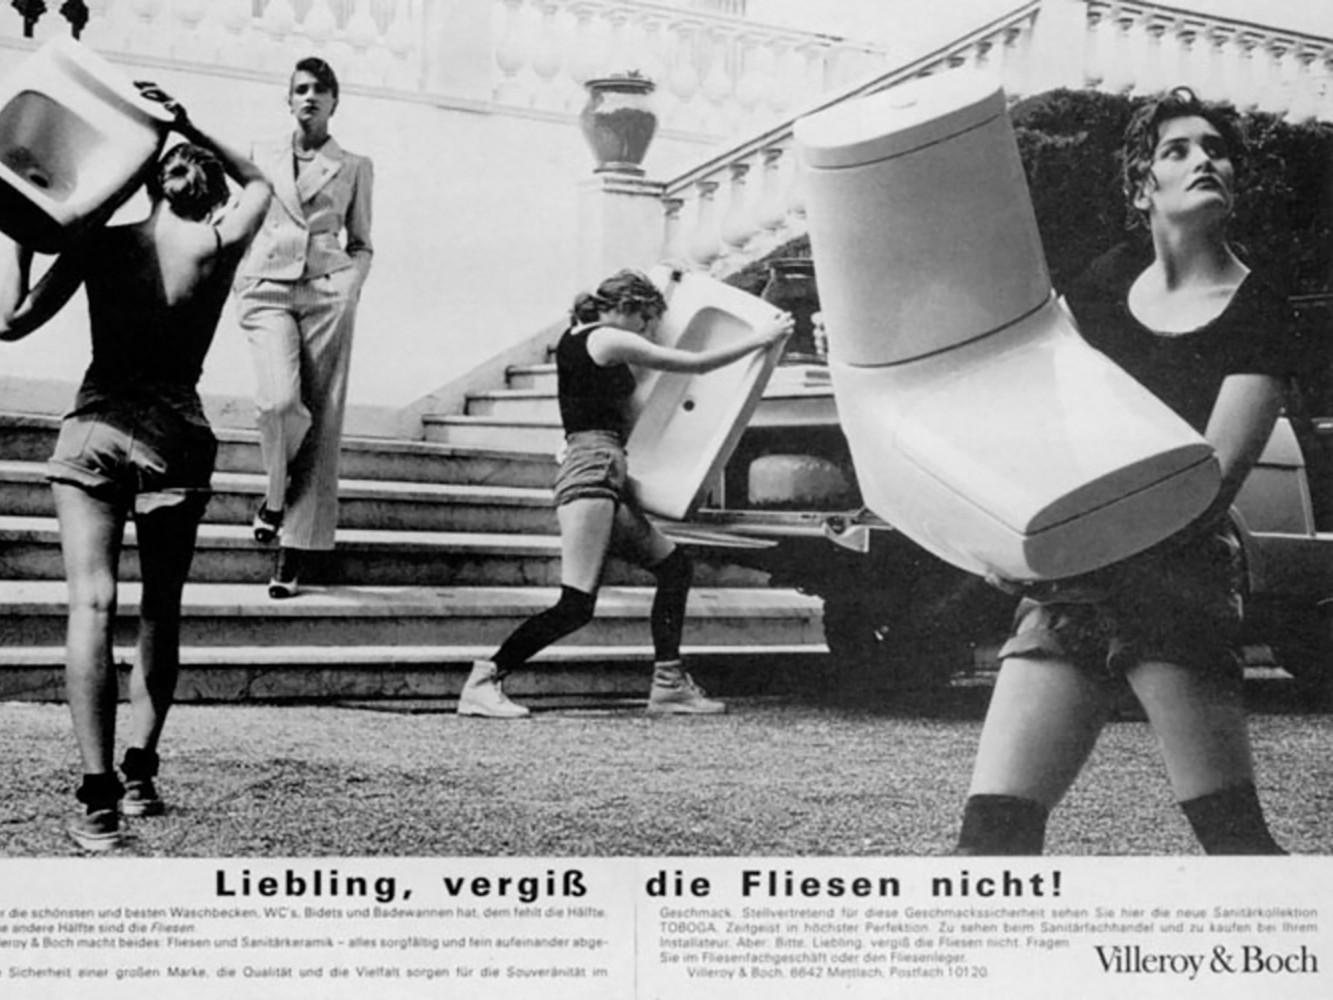 Villeroy & Boch - Liebling Vergiss die Fliessen nicht